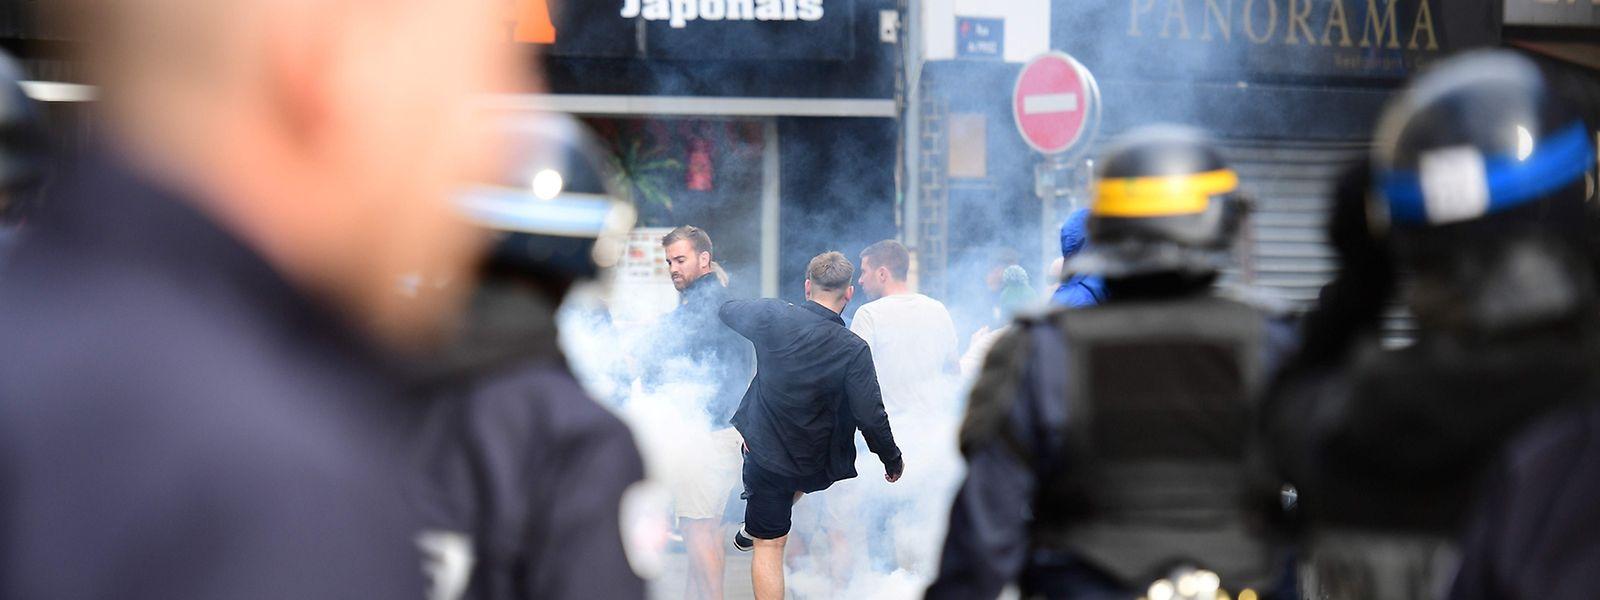 Wieder mussten französische Polizisten gegen randalierende Fans vorgehen.